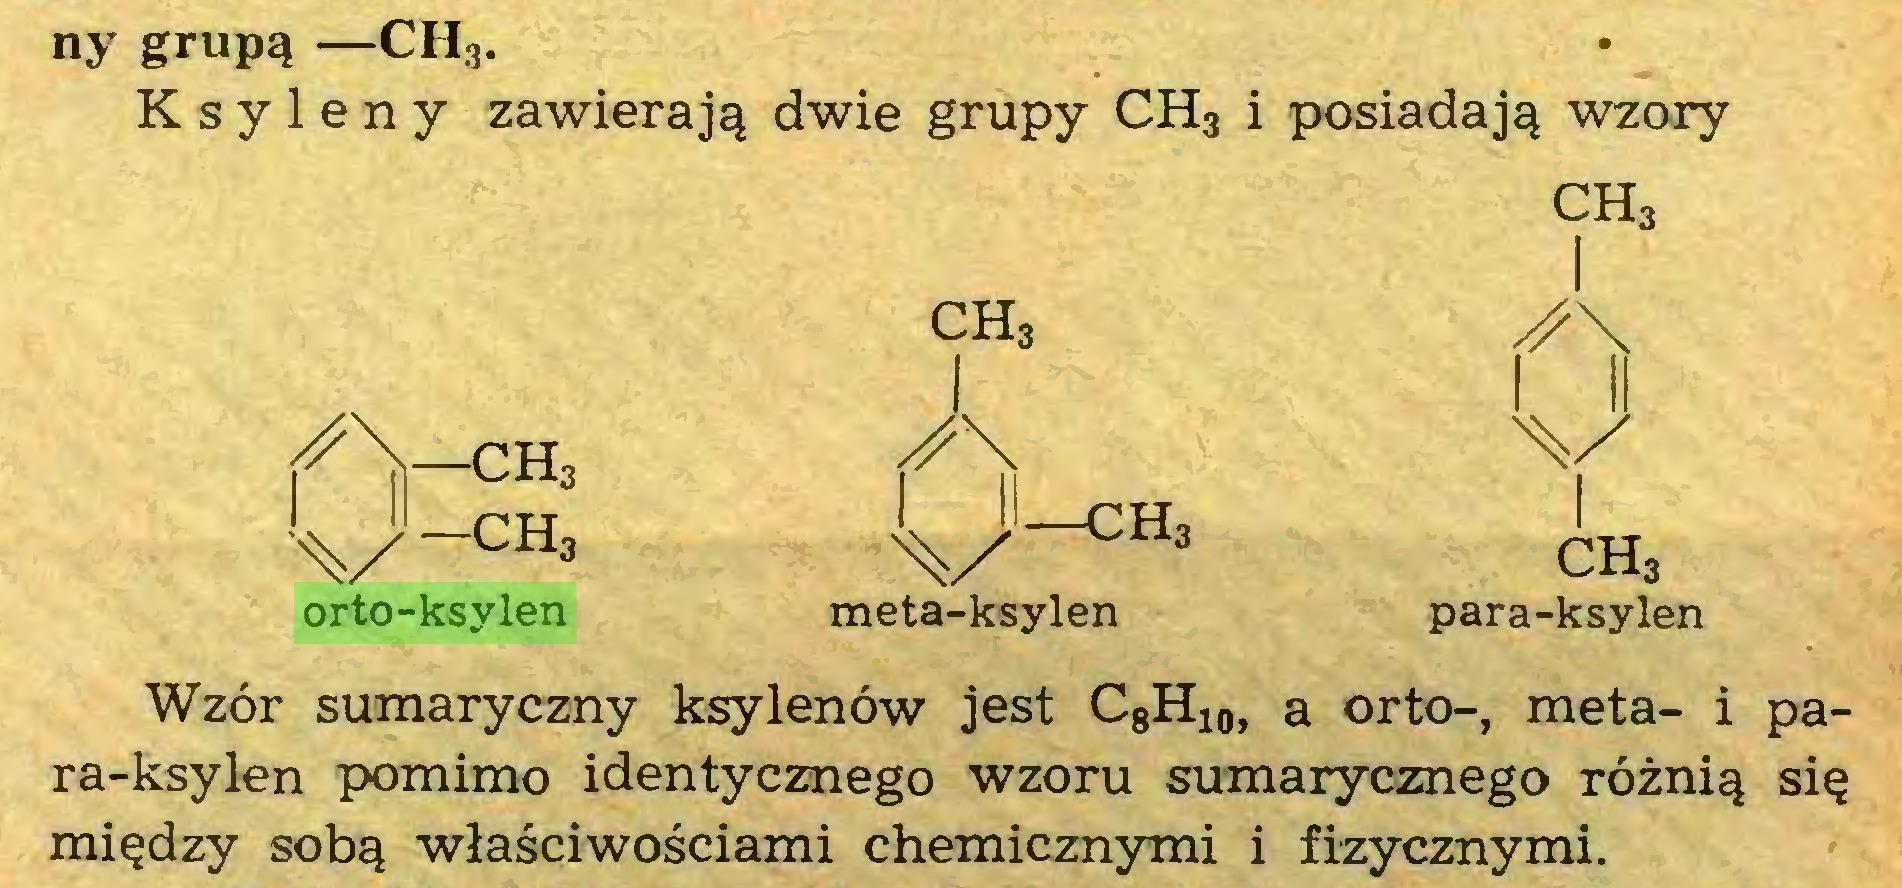 (...) ny grupą —CH3. Ksyleny zawierają dwie grupy CH3 i posiadają wzory CH3 ch3 A ¡A-CH, J\ 1 li i ll A/ i V-CHa ch3 orto-ksylen meta-ksylen para-ksylen Wzór sumaryczny ksylenów jest C8H10, a orto-, meta- i para-ksylen pomimo identycznego wzoru sumarycznego różnią się między sobą właściwościami chemicznymi i fizycznymi...